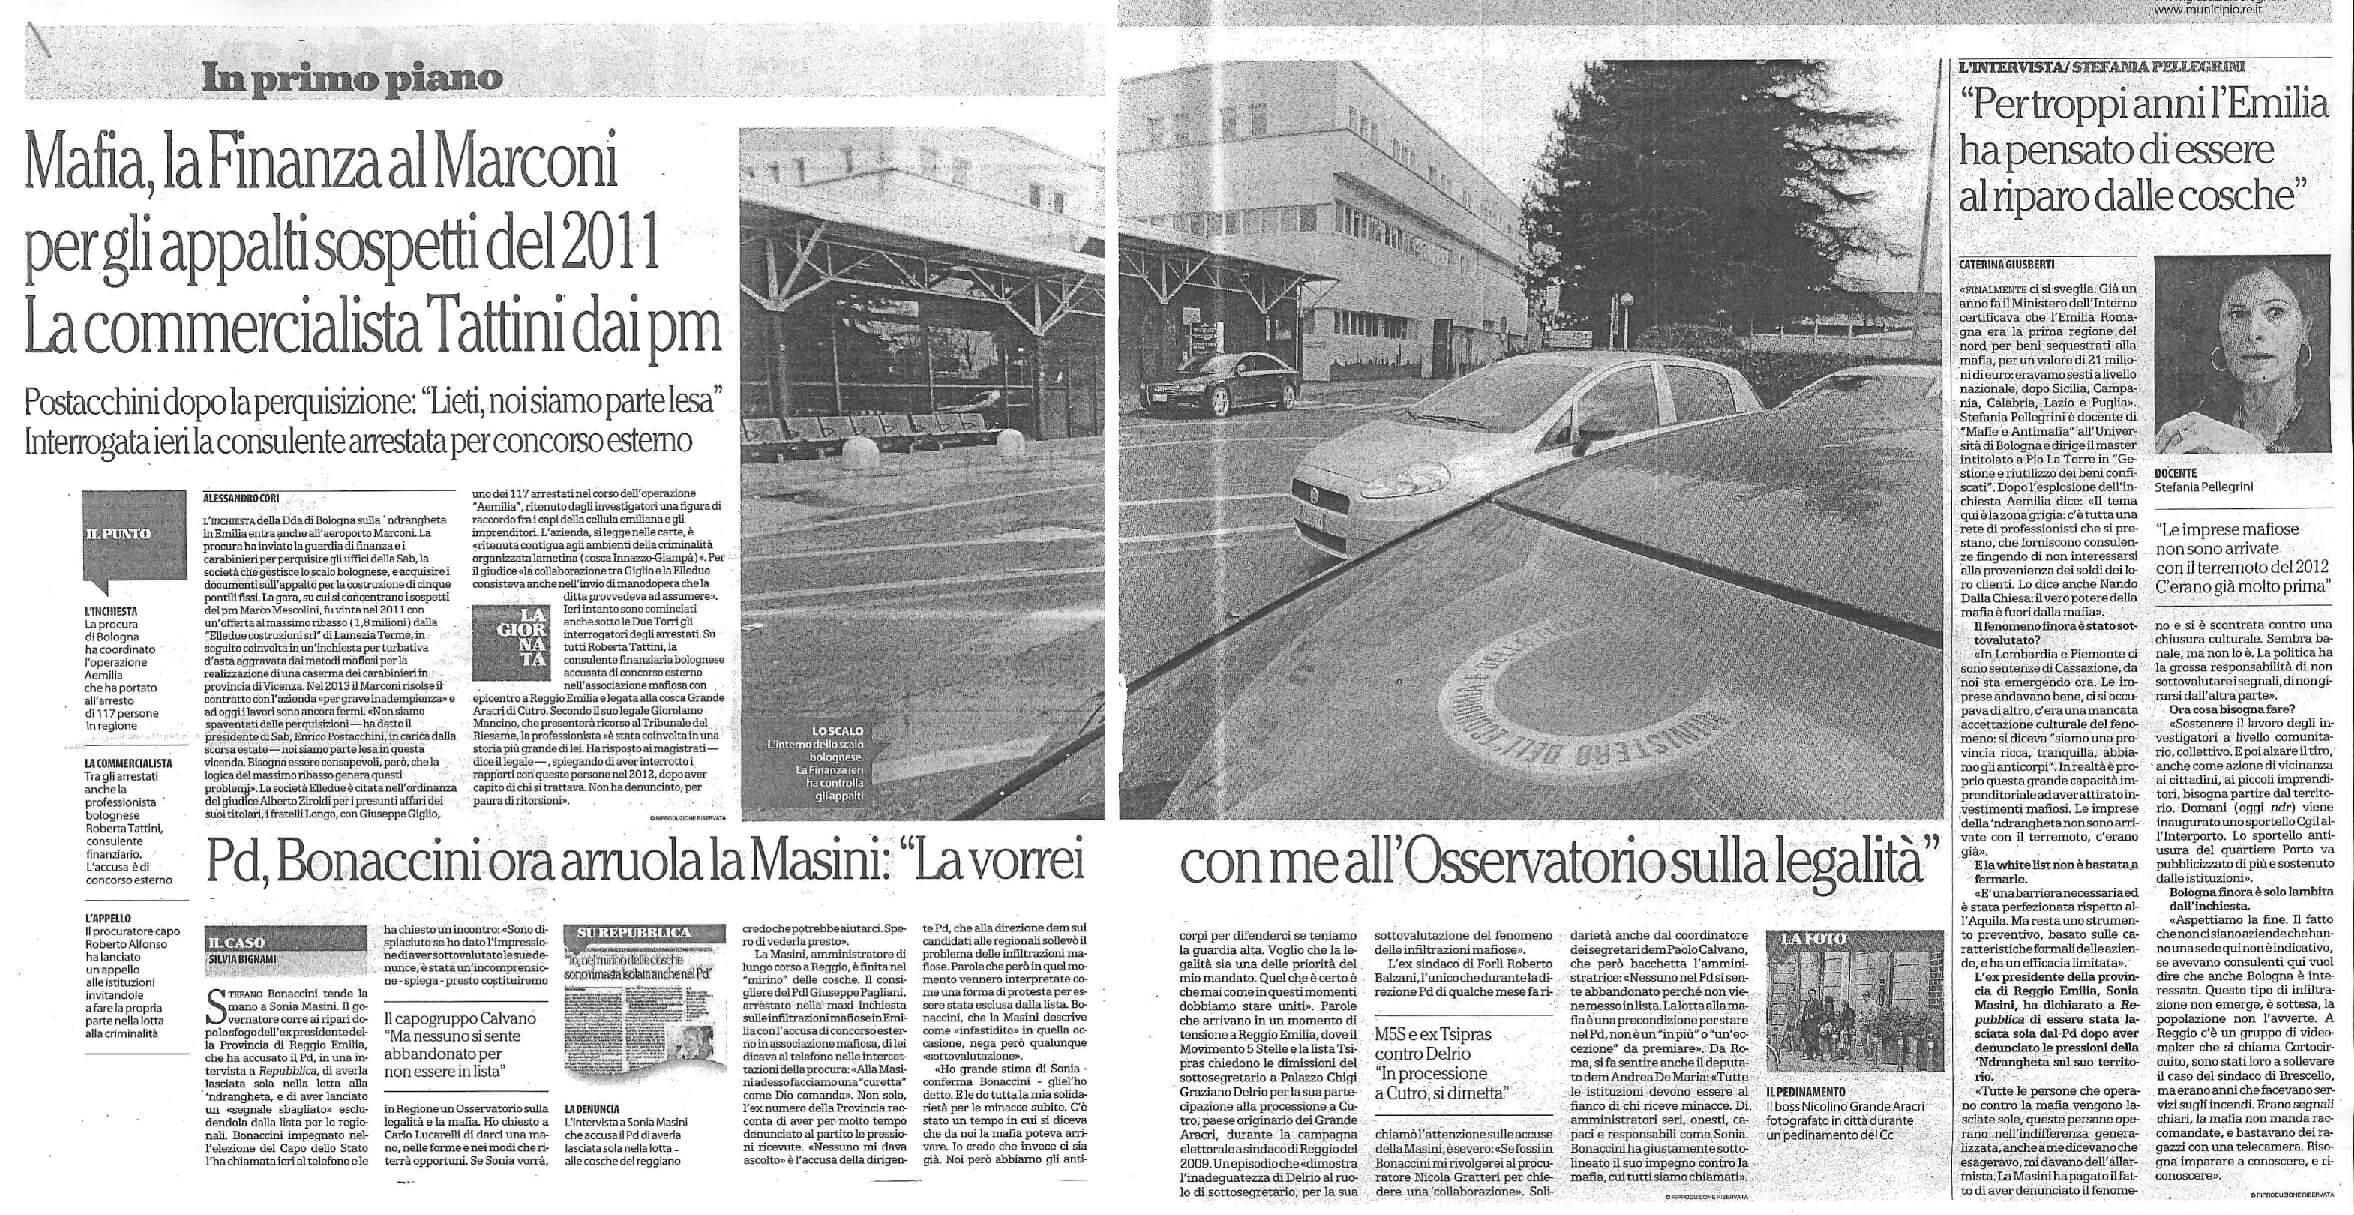 31_1_15_repubblica_bo-page-001